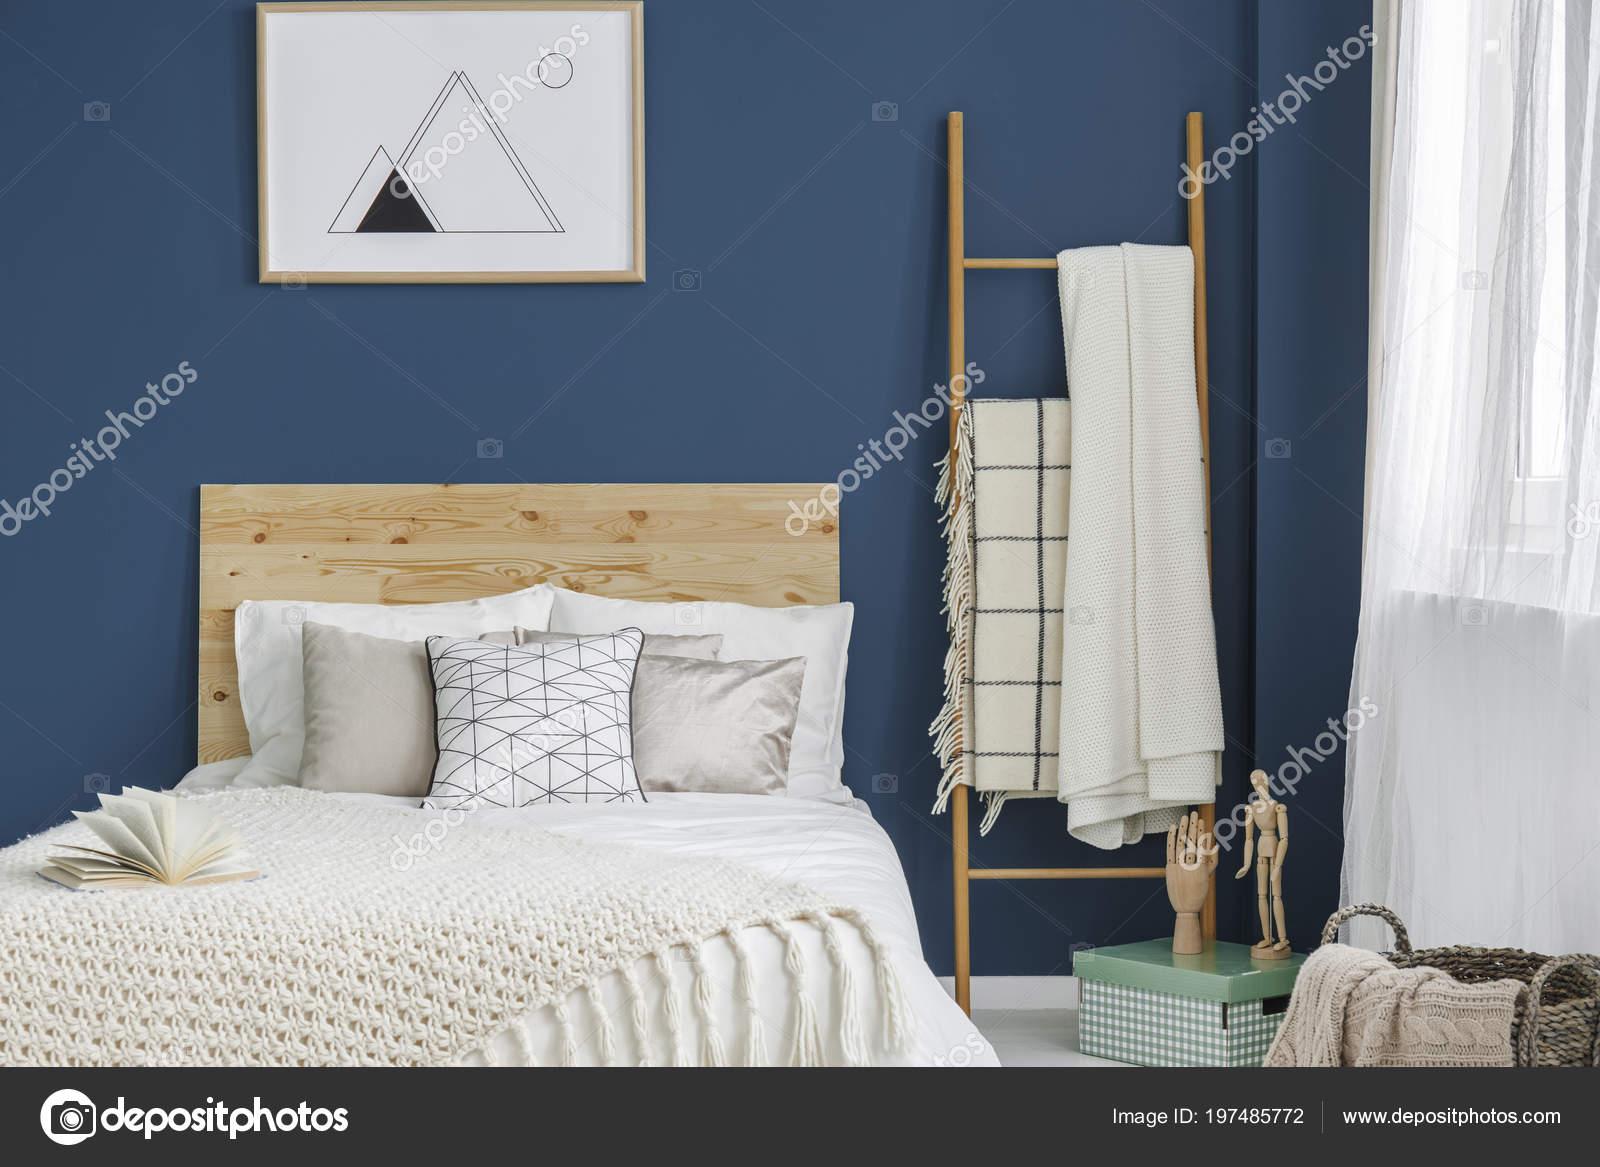 Lit Avec Tete Lit Bois Debout Interieur Chambre Bleue Avec